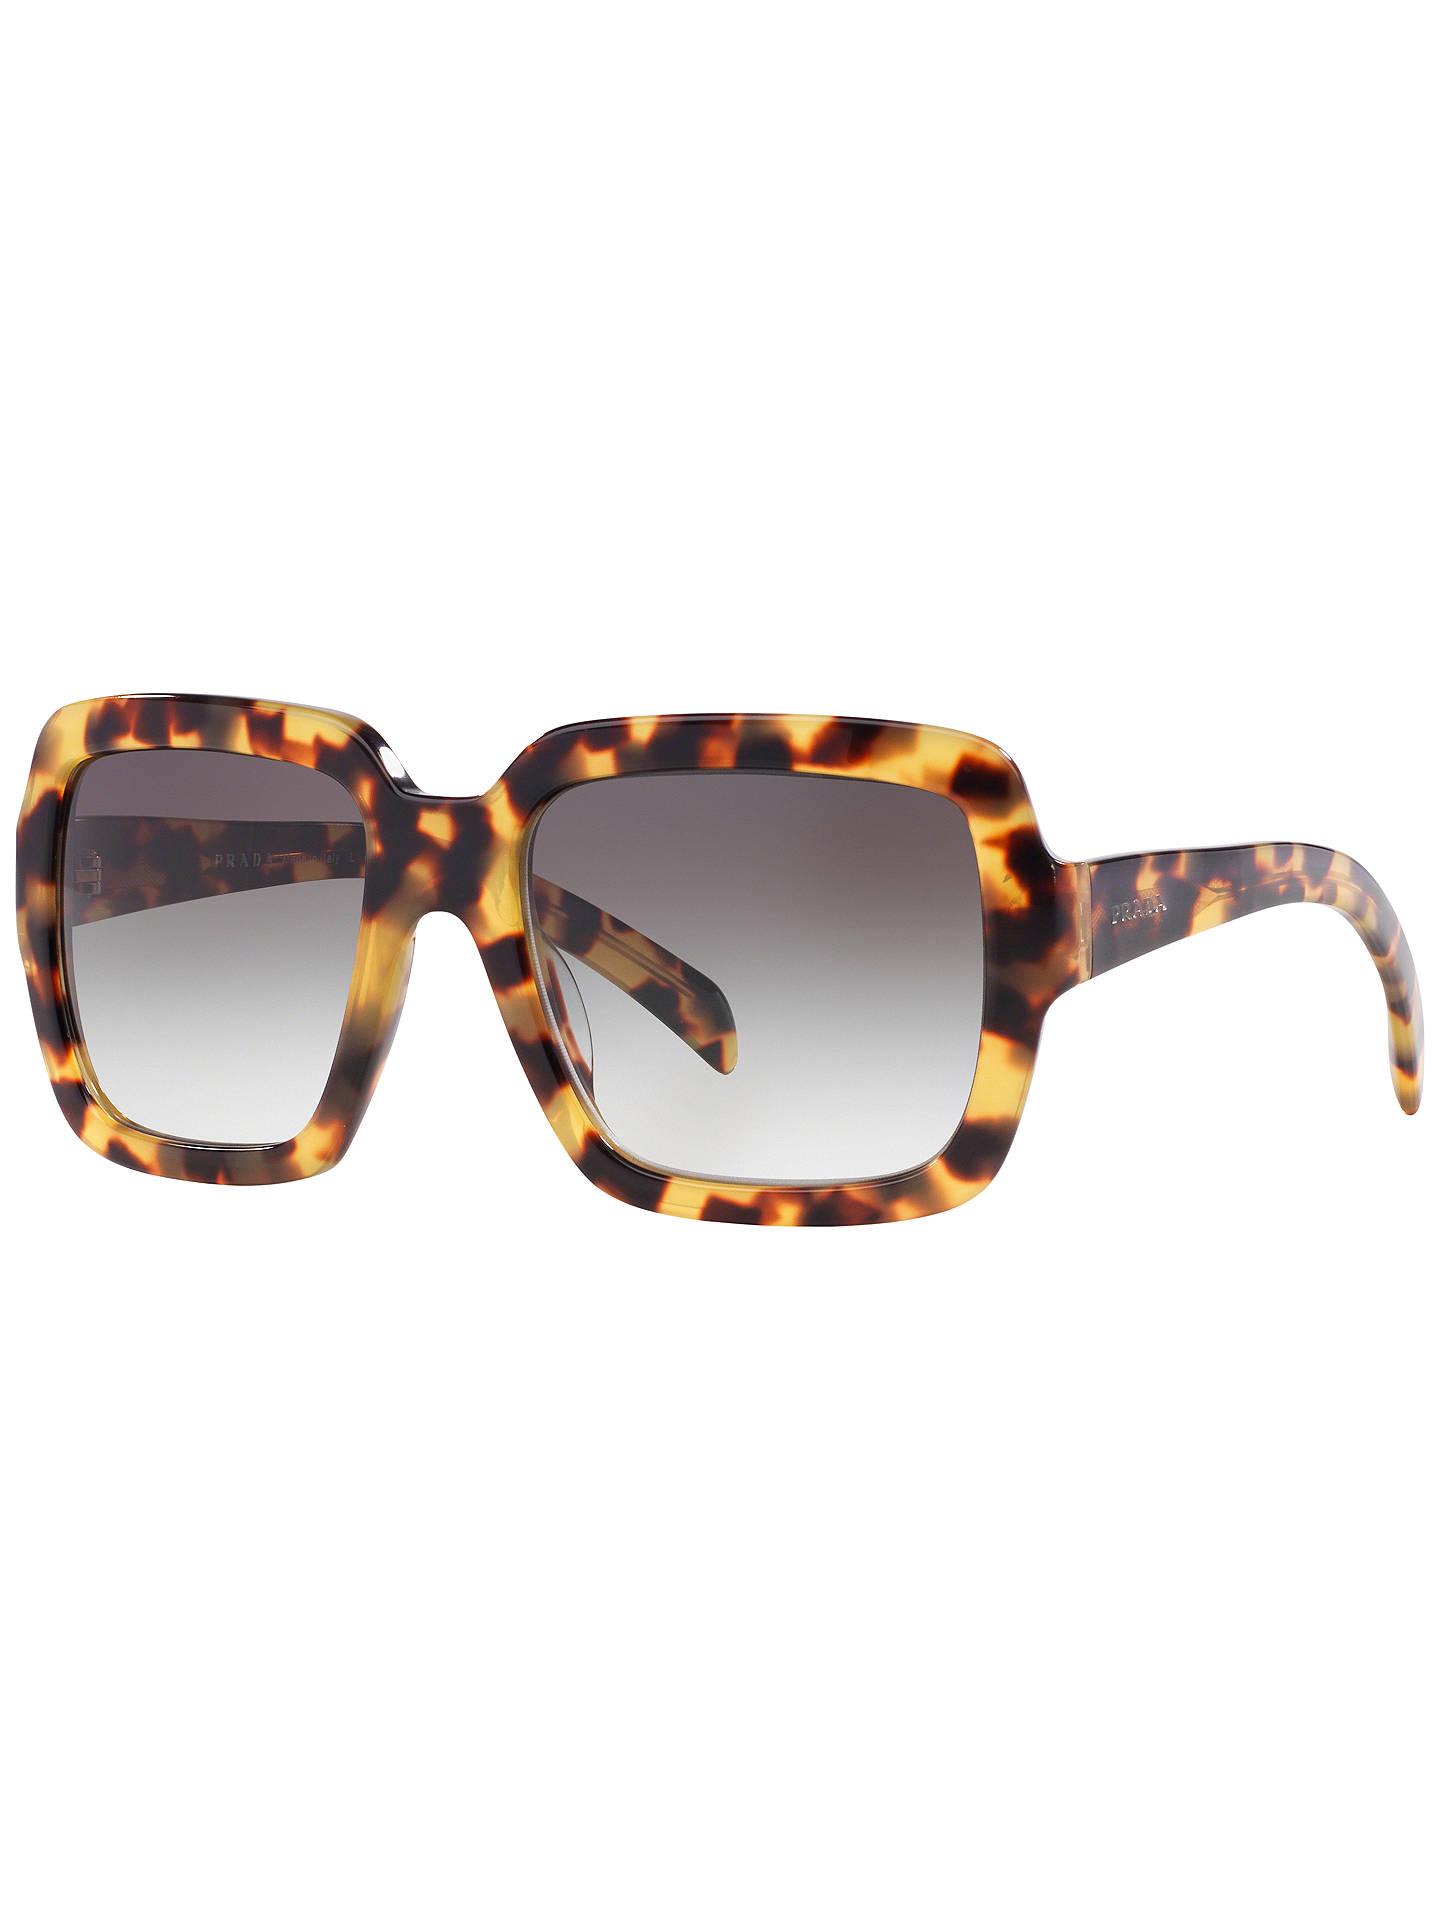 e2a80483e3da Buy Prada PR07RS Square Sunglasses, Medium Havana Online at johnlewis.com